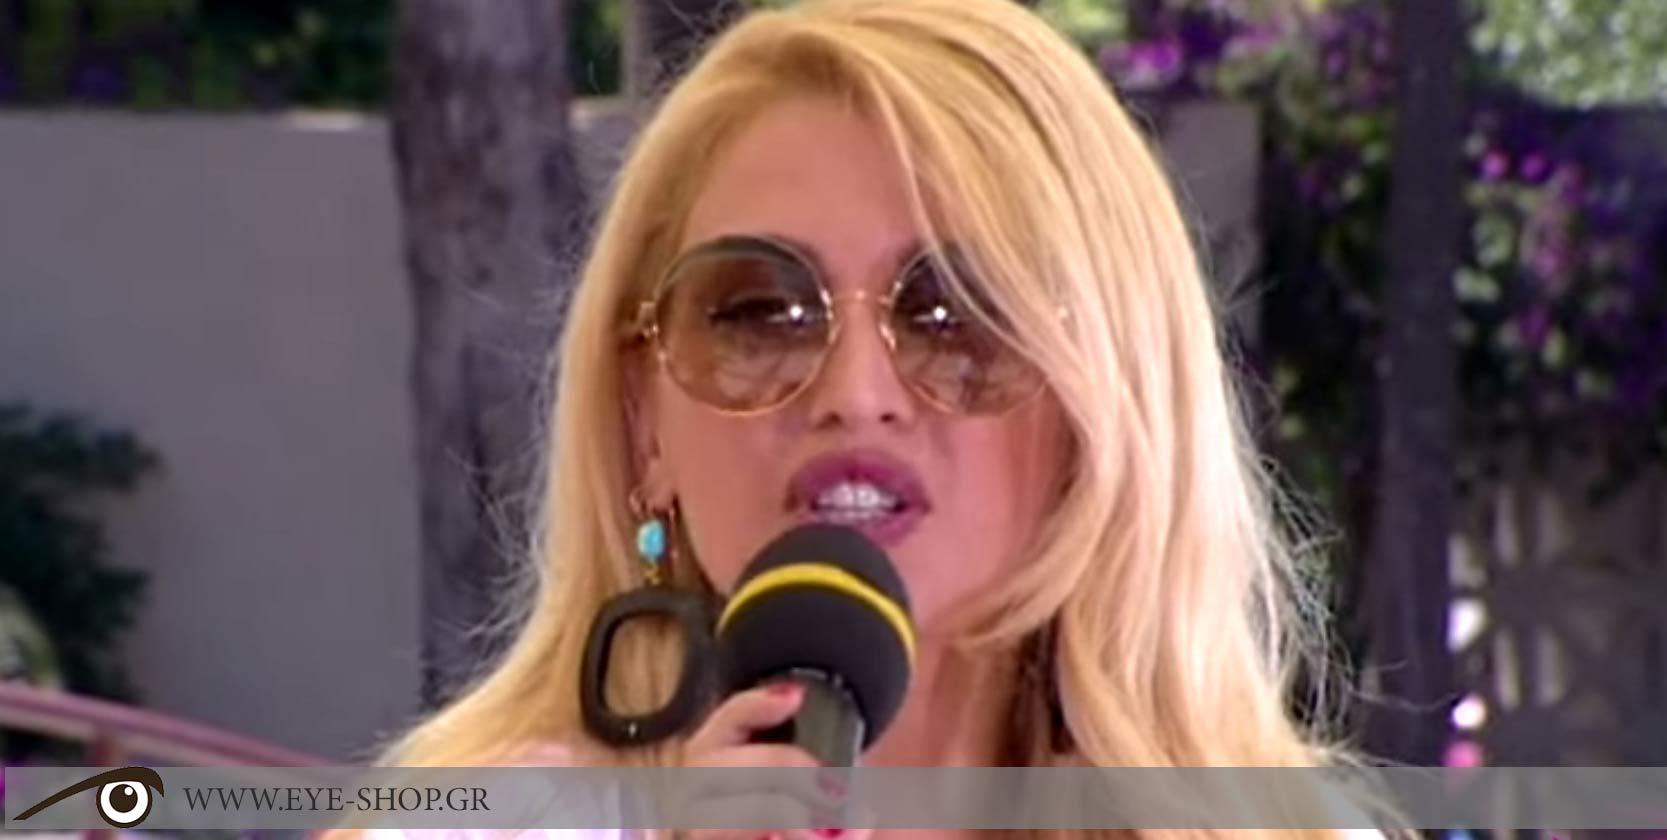 Κλικ για να δείτε το προϊόν: Η Κωνσταντίνα Σπυροπούλου με τα στρογγυλά γυαλιά ηλίου Miu Miu ένα από τα νέα Must για τα trends της νεας χρονιάς 2015. Τα <h1>στρογγυλά γυαλιά ηλίου της Miu Miu</h1>. Είναι τα γυαλιά ύμνος στη γυναικεία θηλυκότητα. H Miu Miu επαναπροσδιορίζει την κομψότητα για τις γυναίκες που   θέλουν κάτι διαφορετικό από τη μόδα . Miu Miu ήταν το υποκοριστικό   όνομα της Miuccia Prada όταν ήταν μικρή. Τα γυαλιά ηλίου Miu Miu   είναι πάντα ιδιαίτερα ξεχωριστά και καθώς θεωρούνται κομμάτι της   γκαρνταρόμπας όπως τα ρούχα.